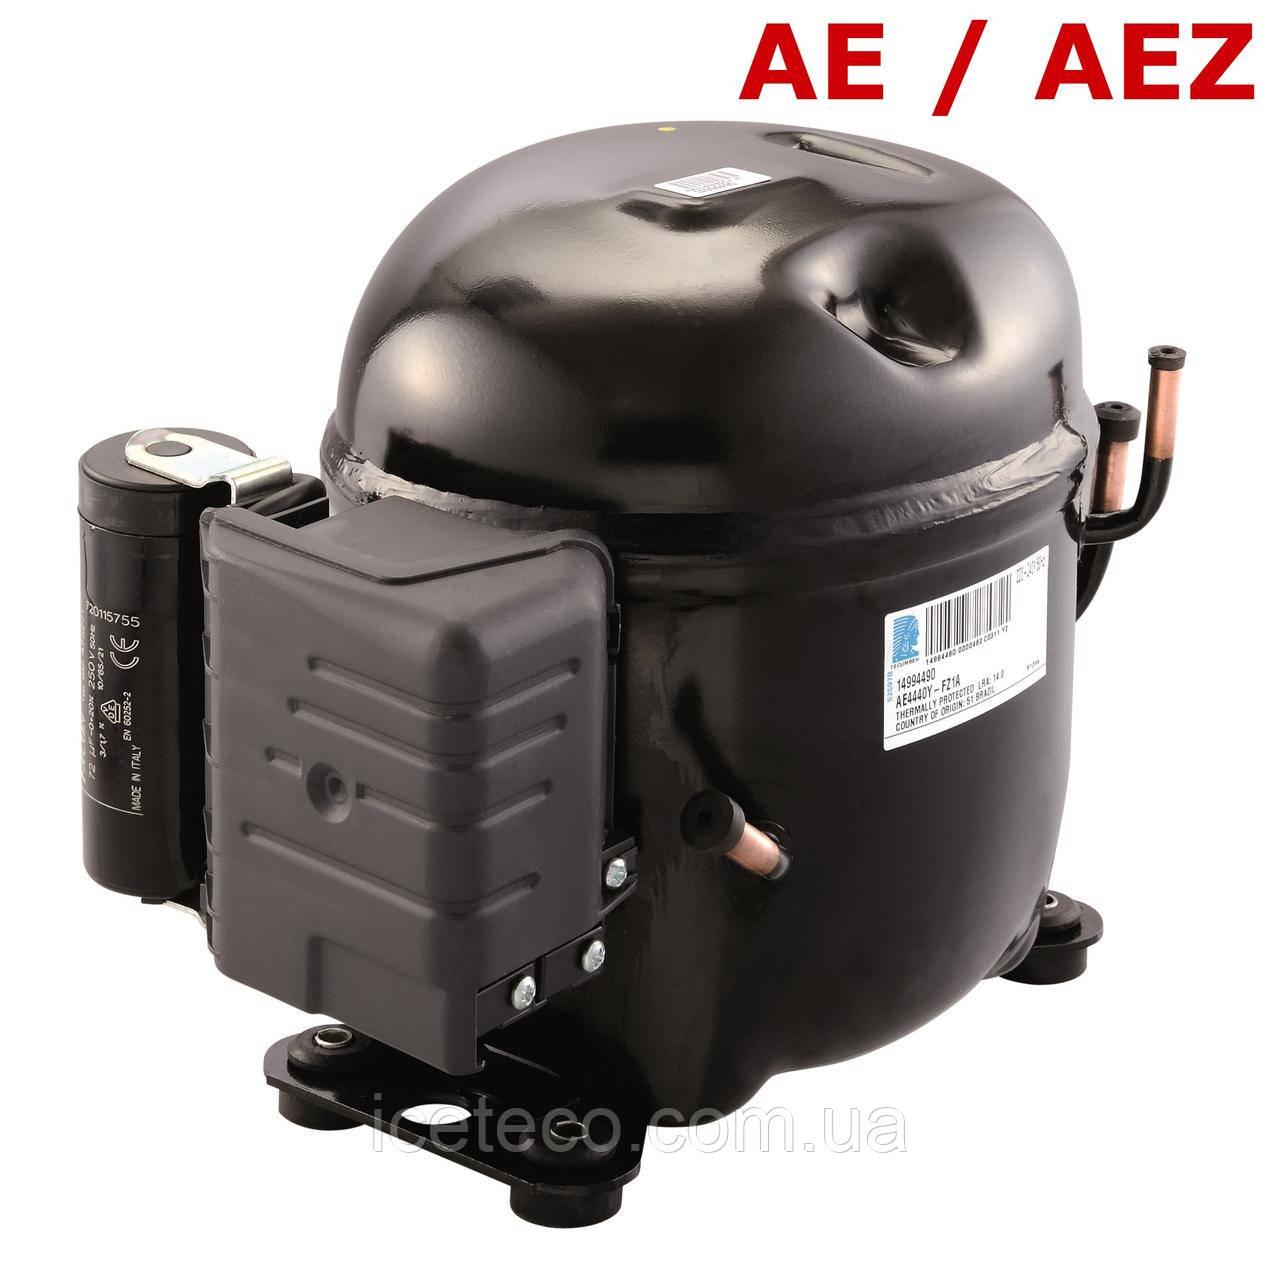 Герметичный поршневой компрессор AE4440E Tecumseh